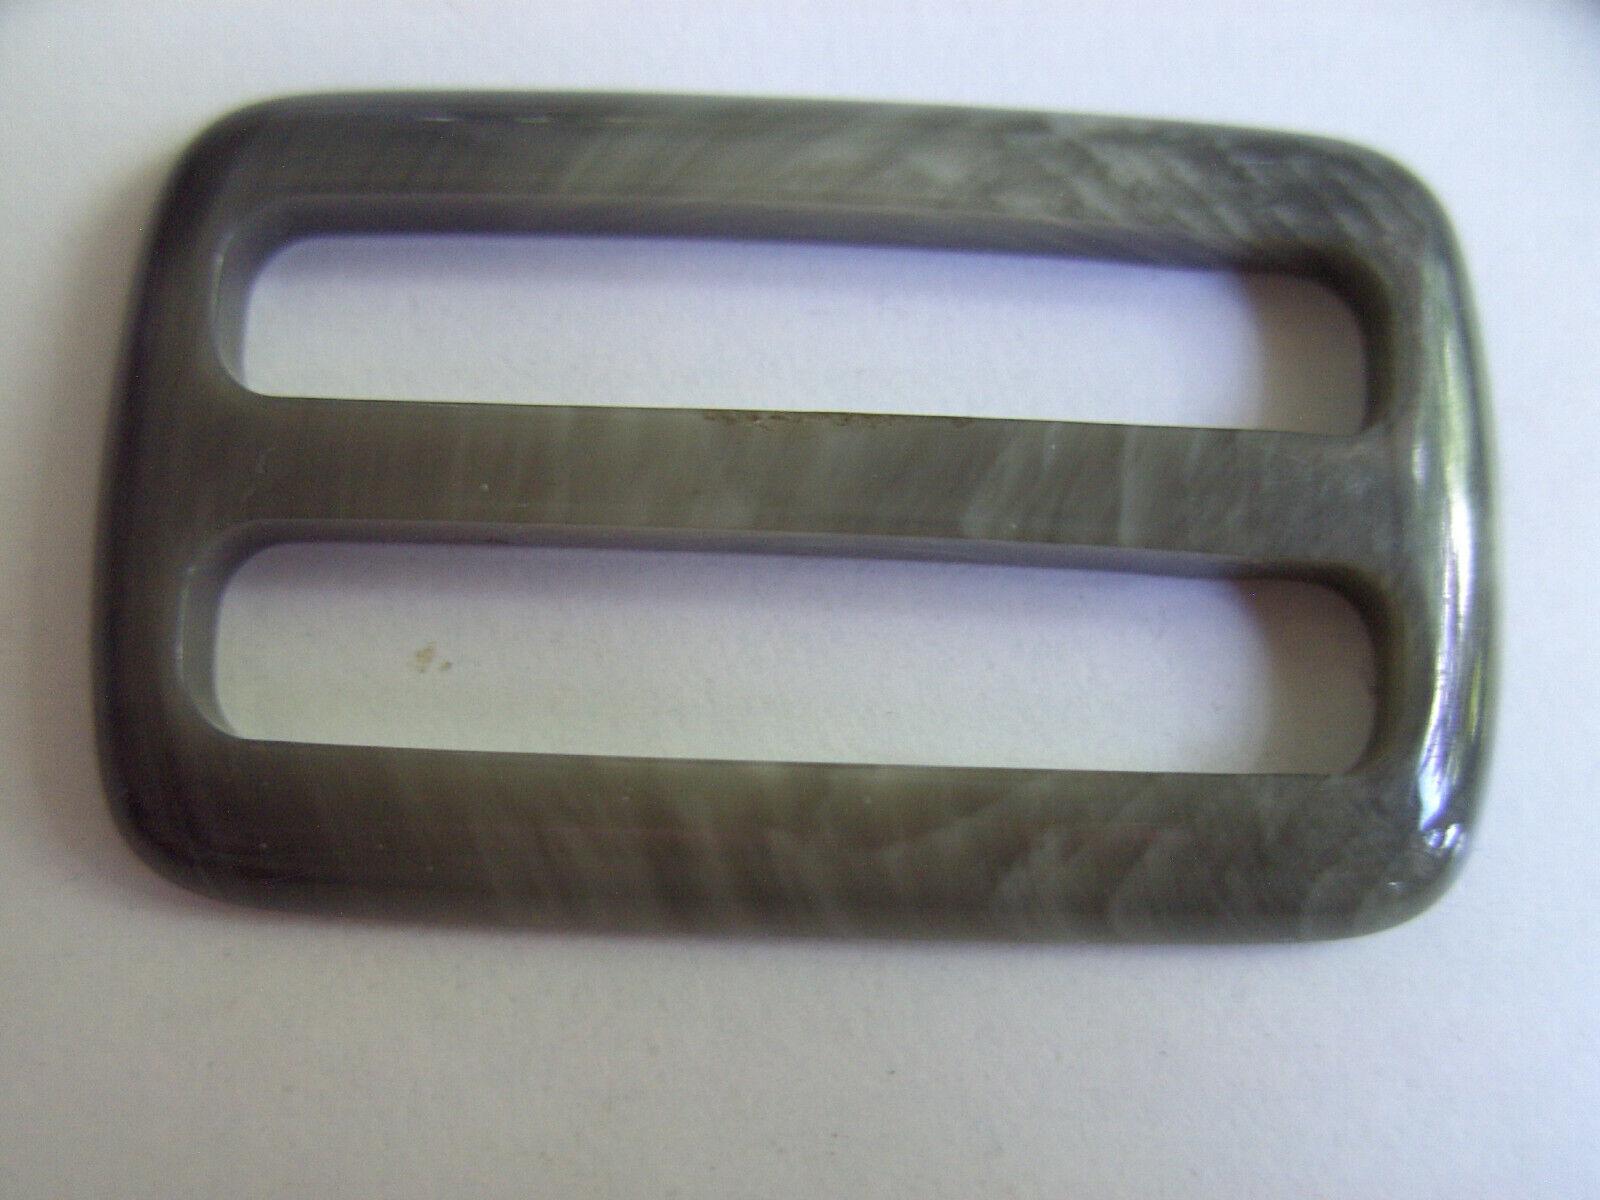 1 schöne rechteckige Gürtelschnalle, Kunststoff grün olive 6,3x3,8 cm 5 cm innen